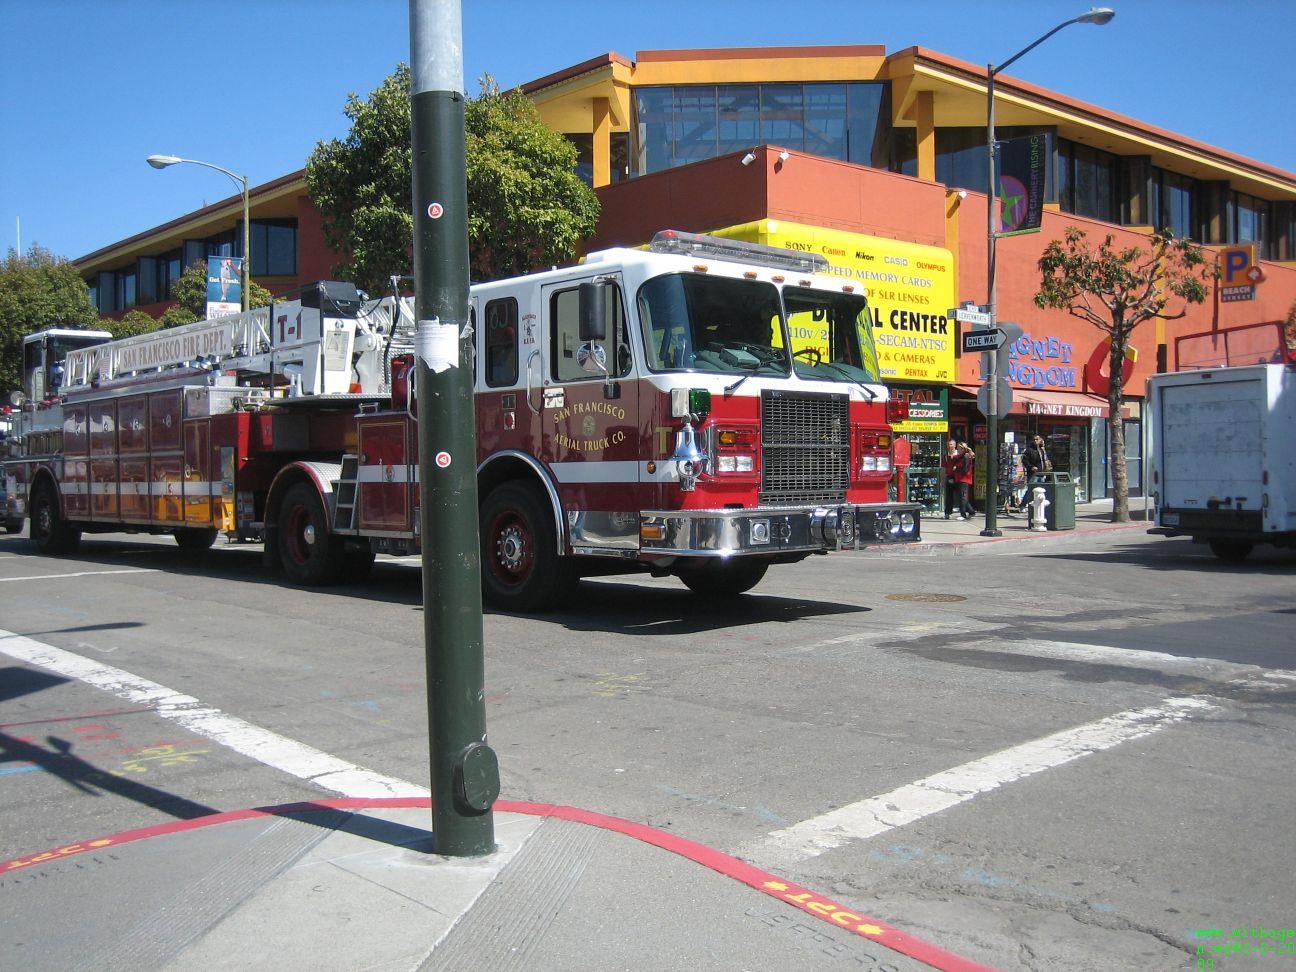 Die brandweer jongens lijken allemaal wel een rondje aan het rijden te zijn